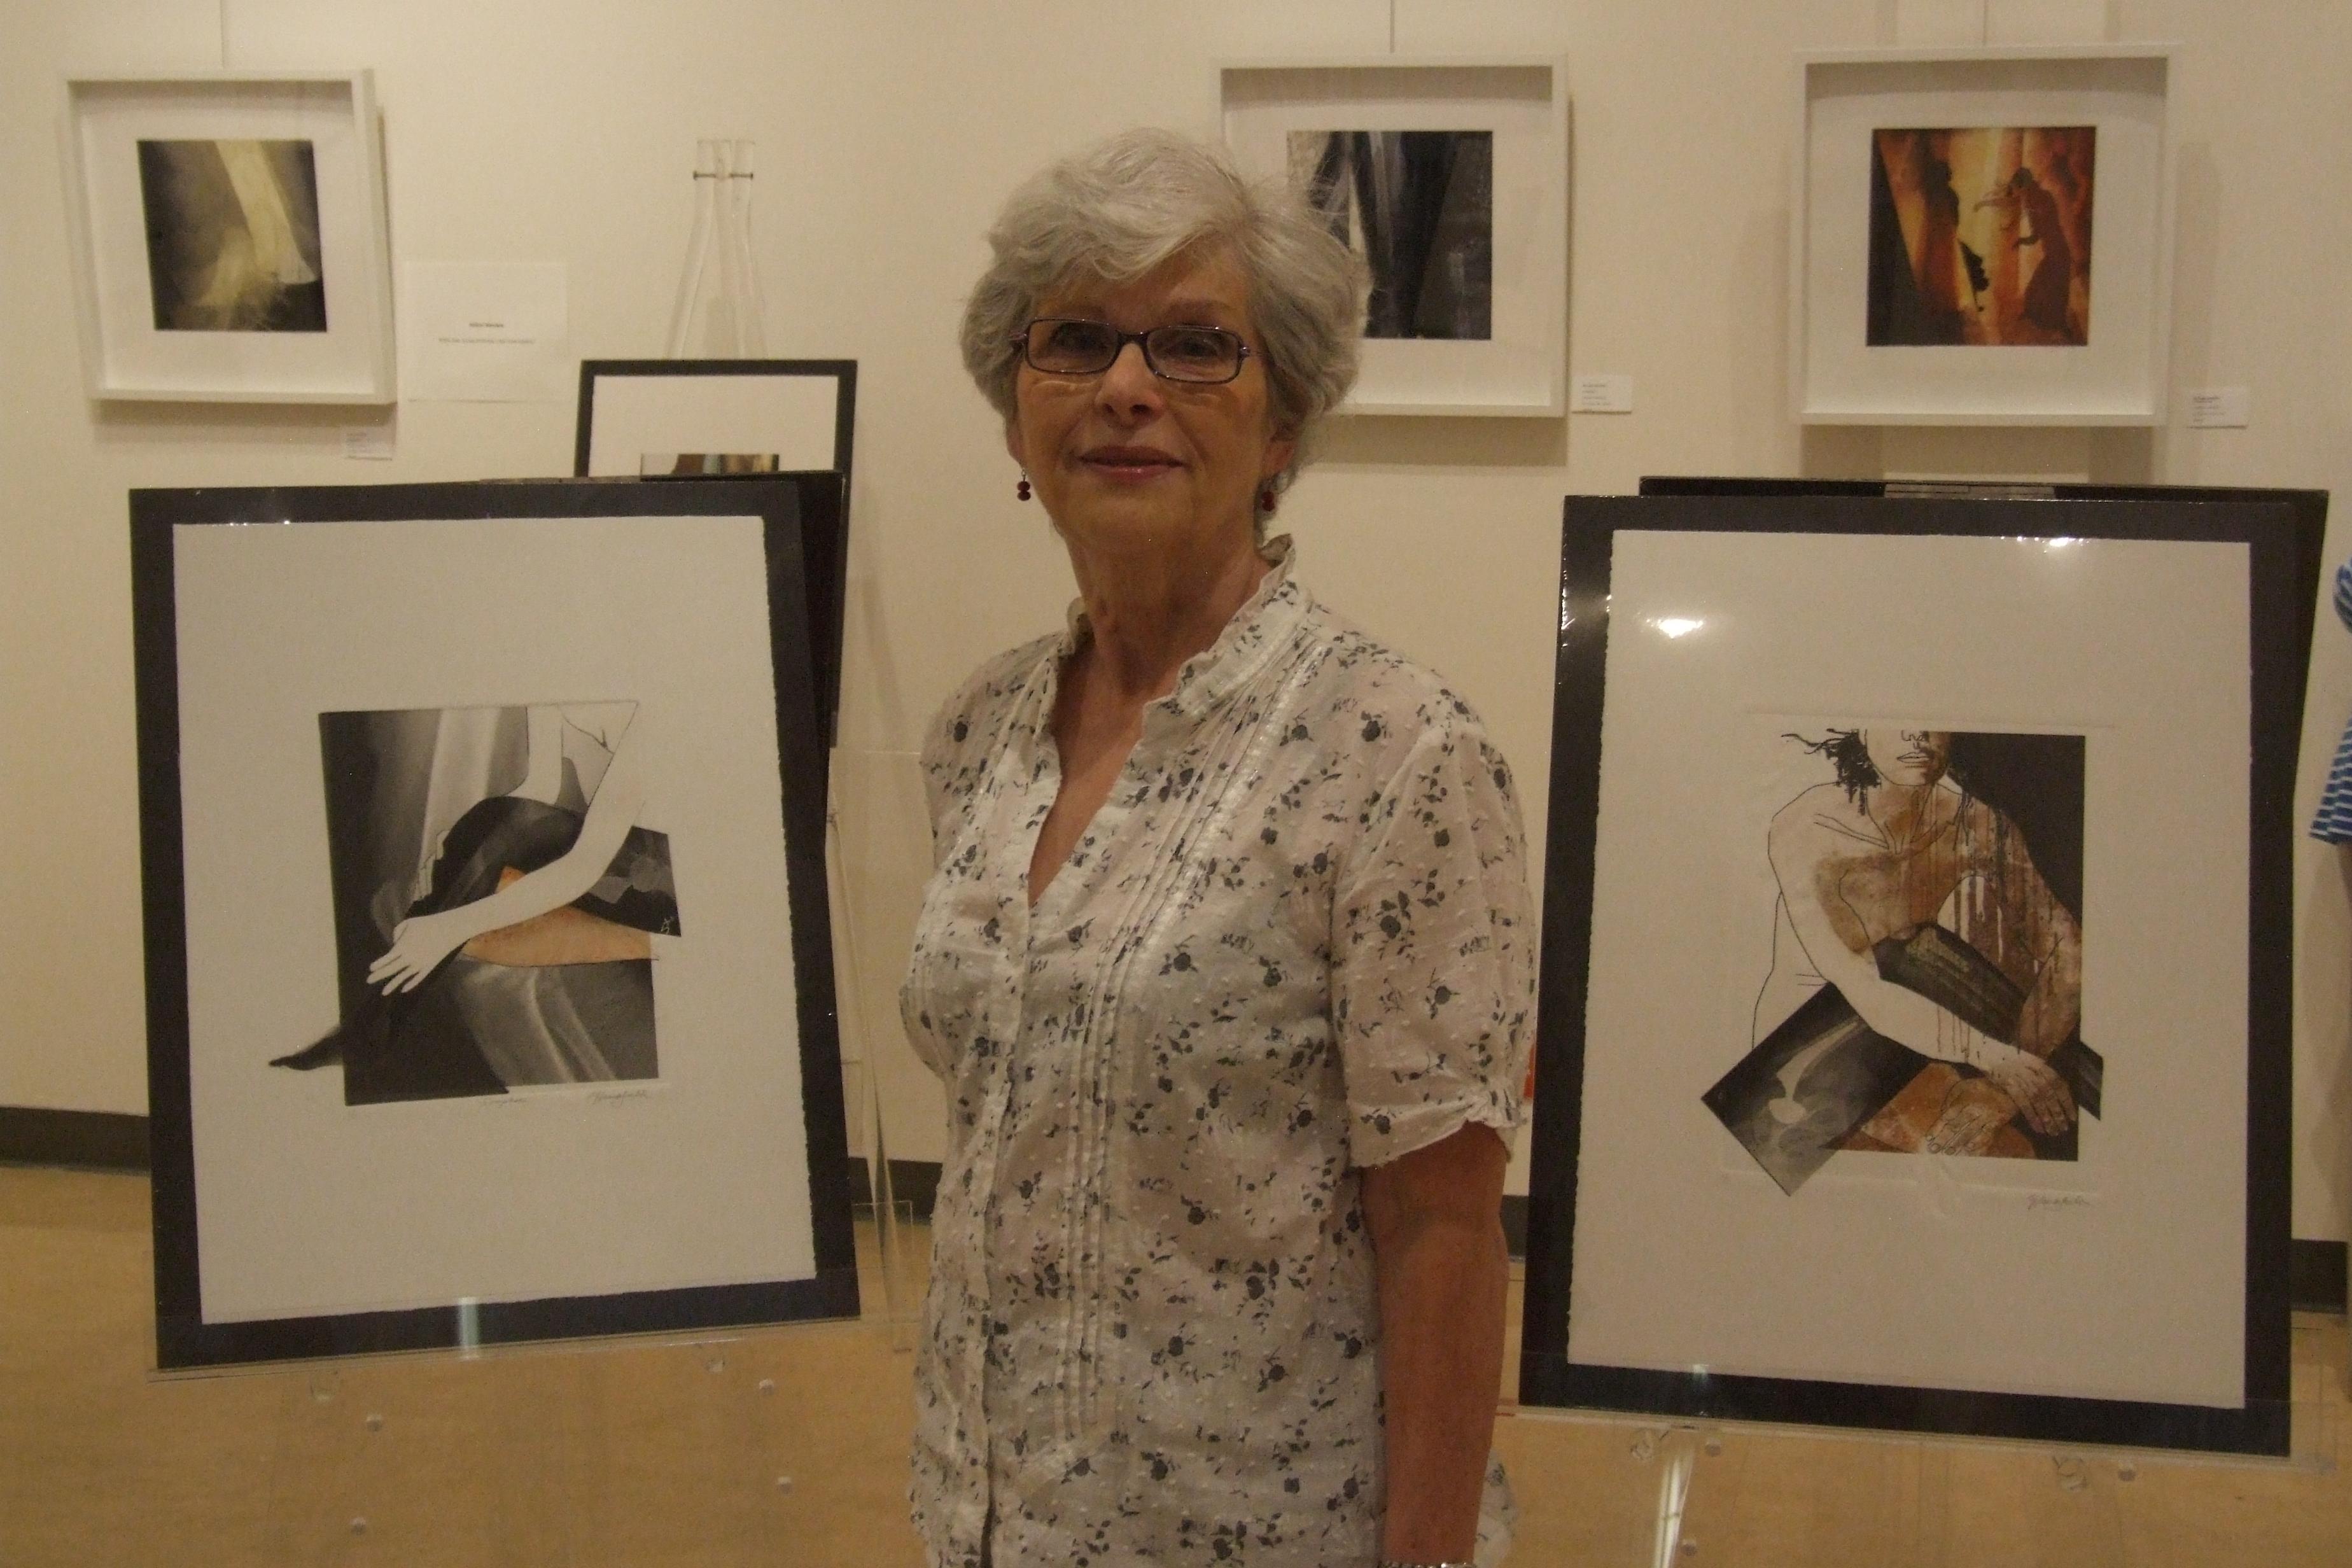 L'exposition De l'addition à l'inclusion prend place jusqu'au 22 juillet à la Galerie Vincent-d'Indy